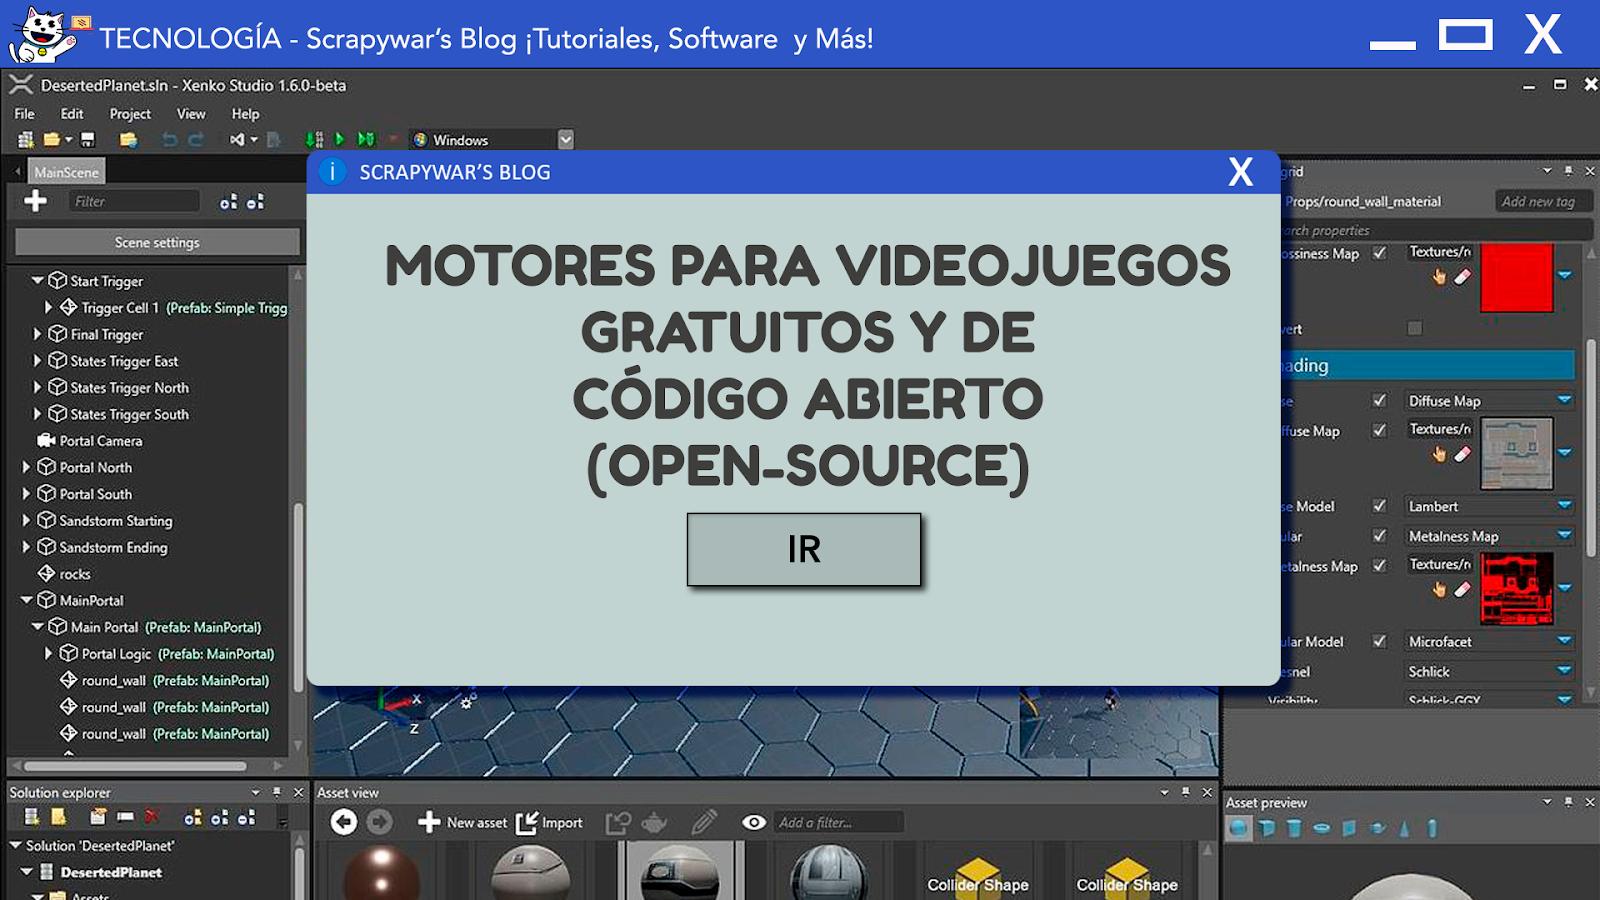 4 Motores para videojuegos gratuitos y open-source